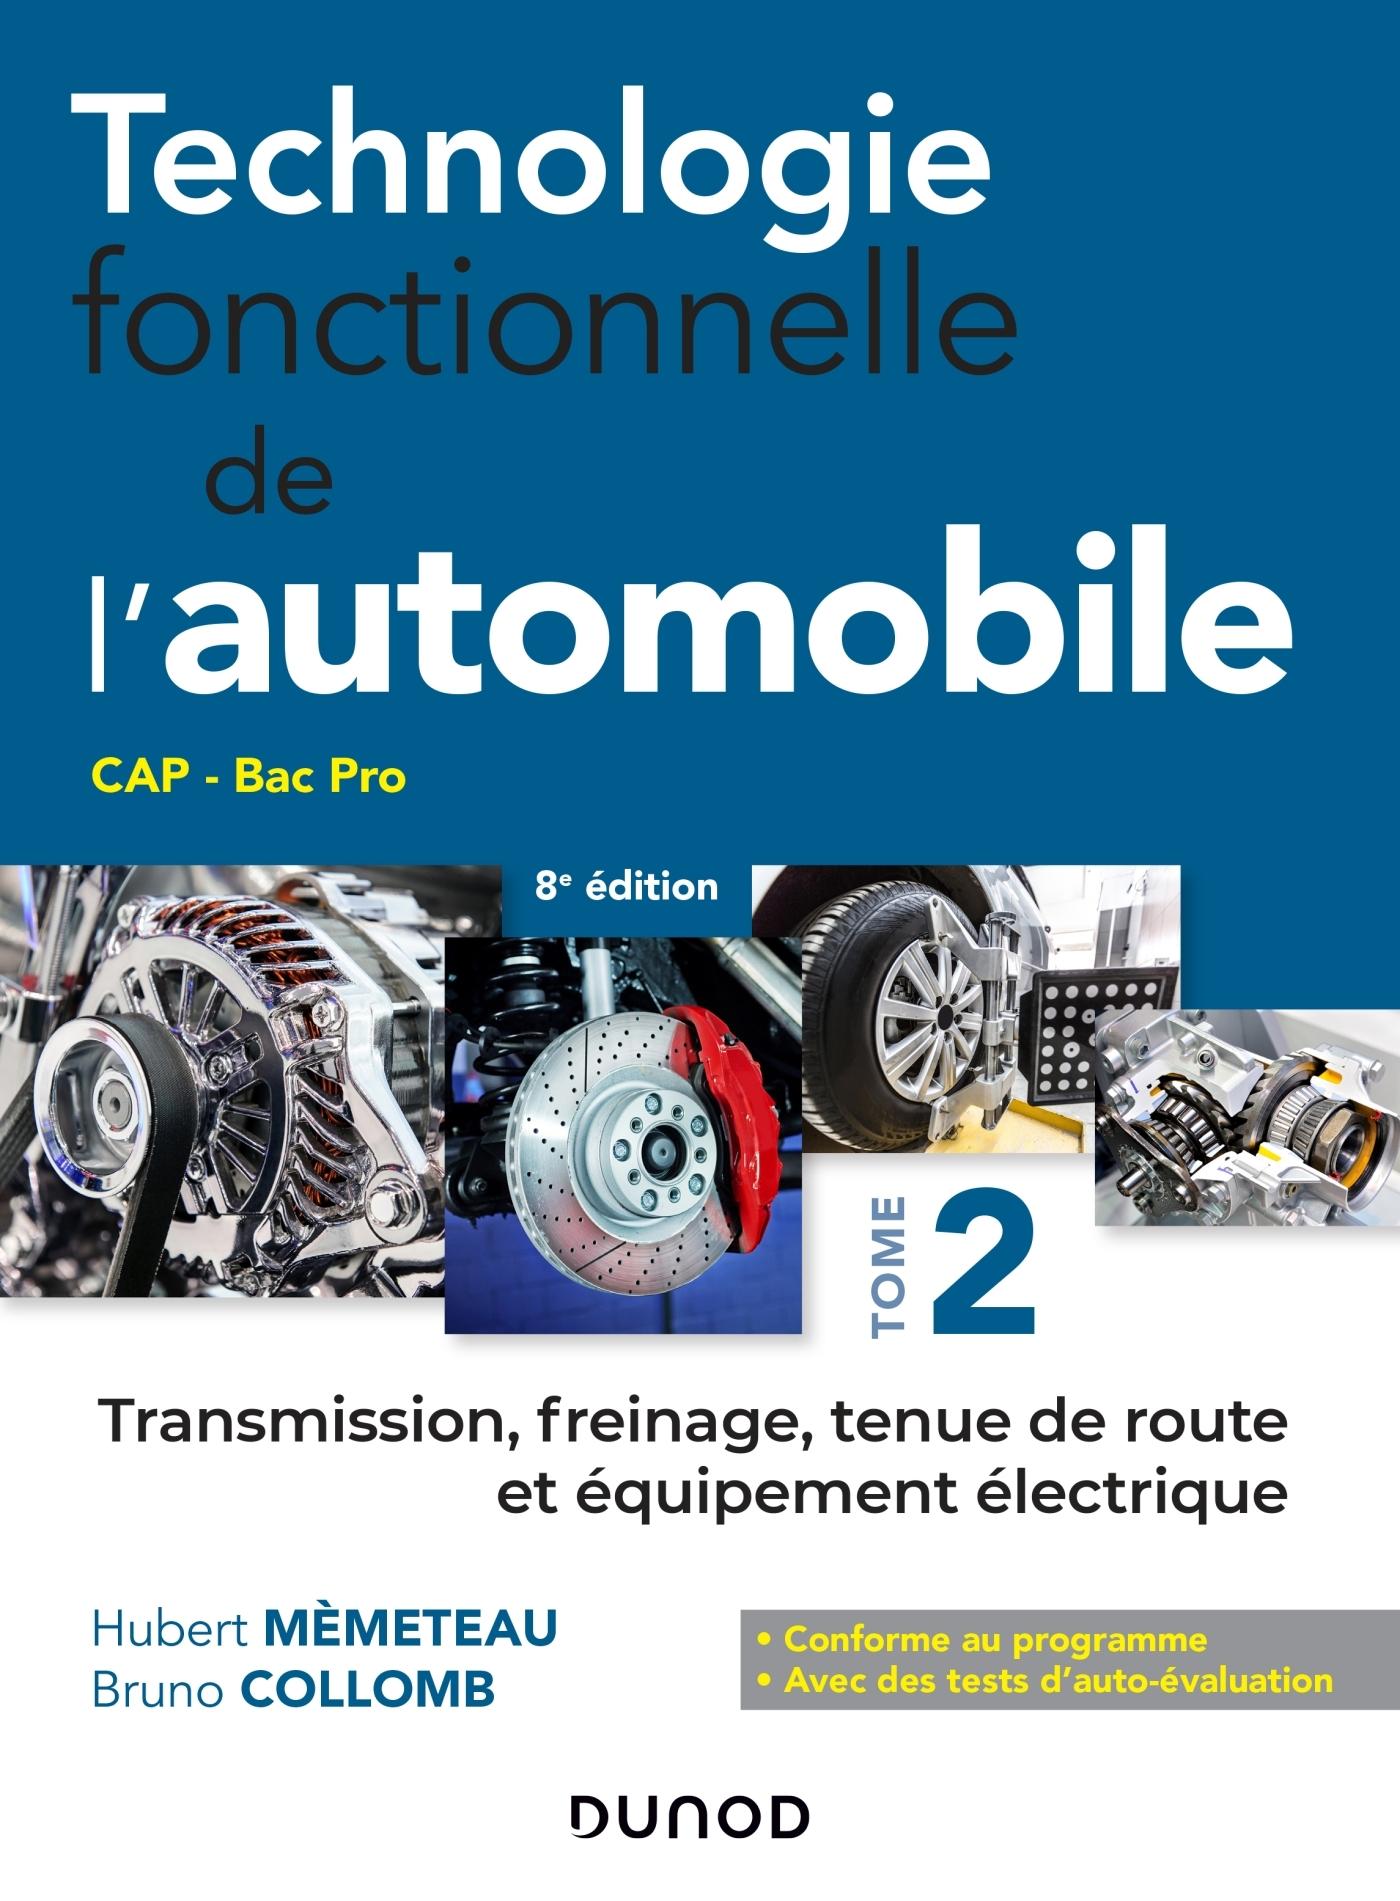 TECHNOLOGIE FONCTIONNELLE DE L'AUTOMOBILE - TOME 2 - 8E ED. - TRANSMISSION, FREINAGE, TENUE DE ROUTE